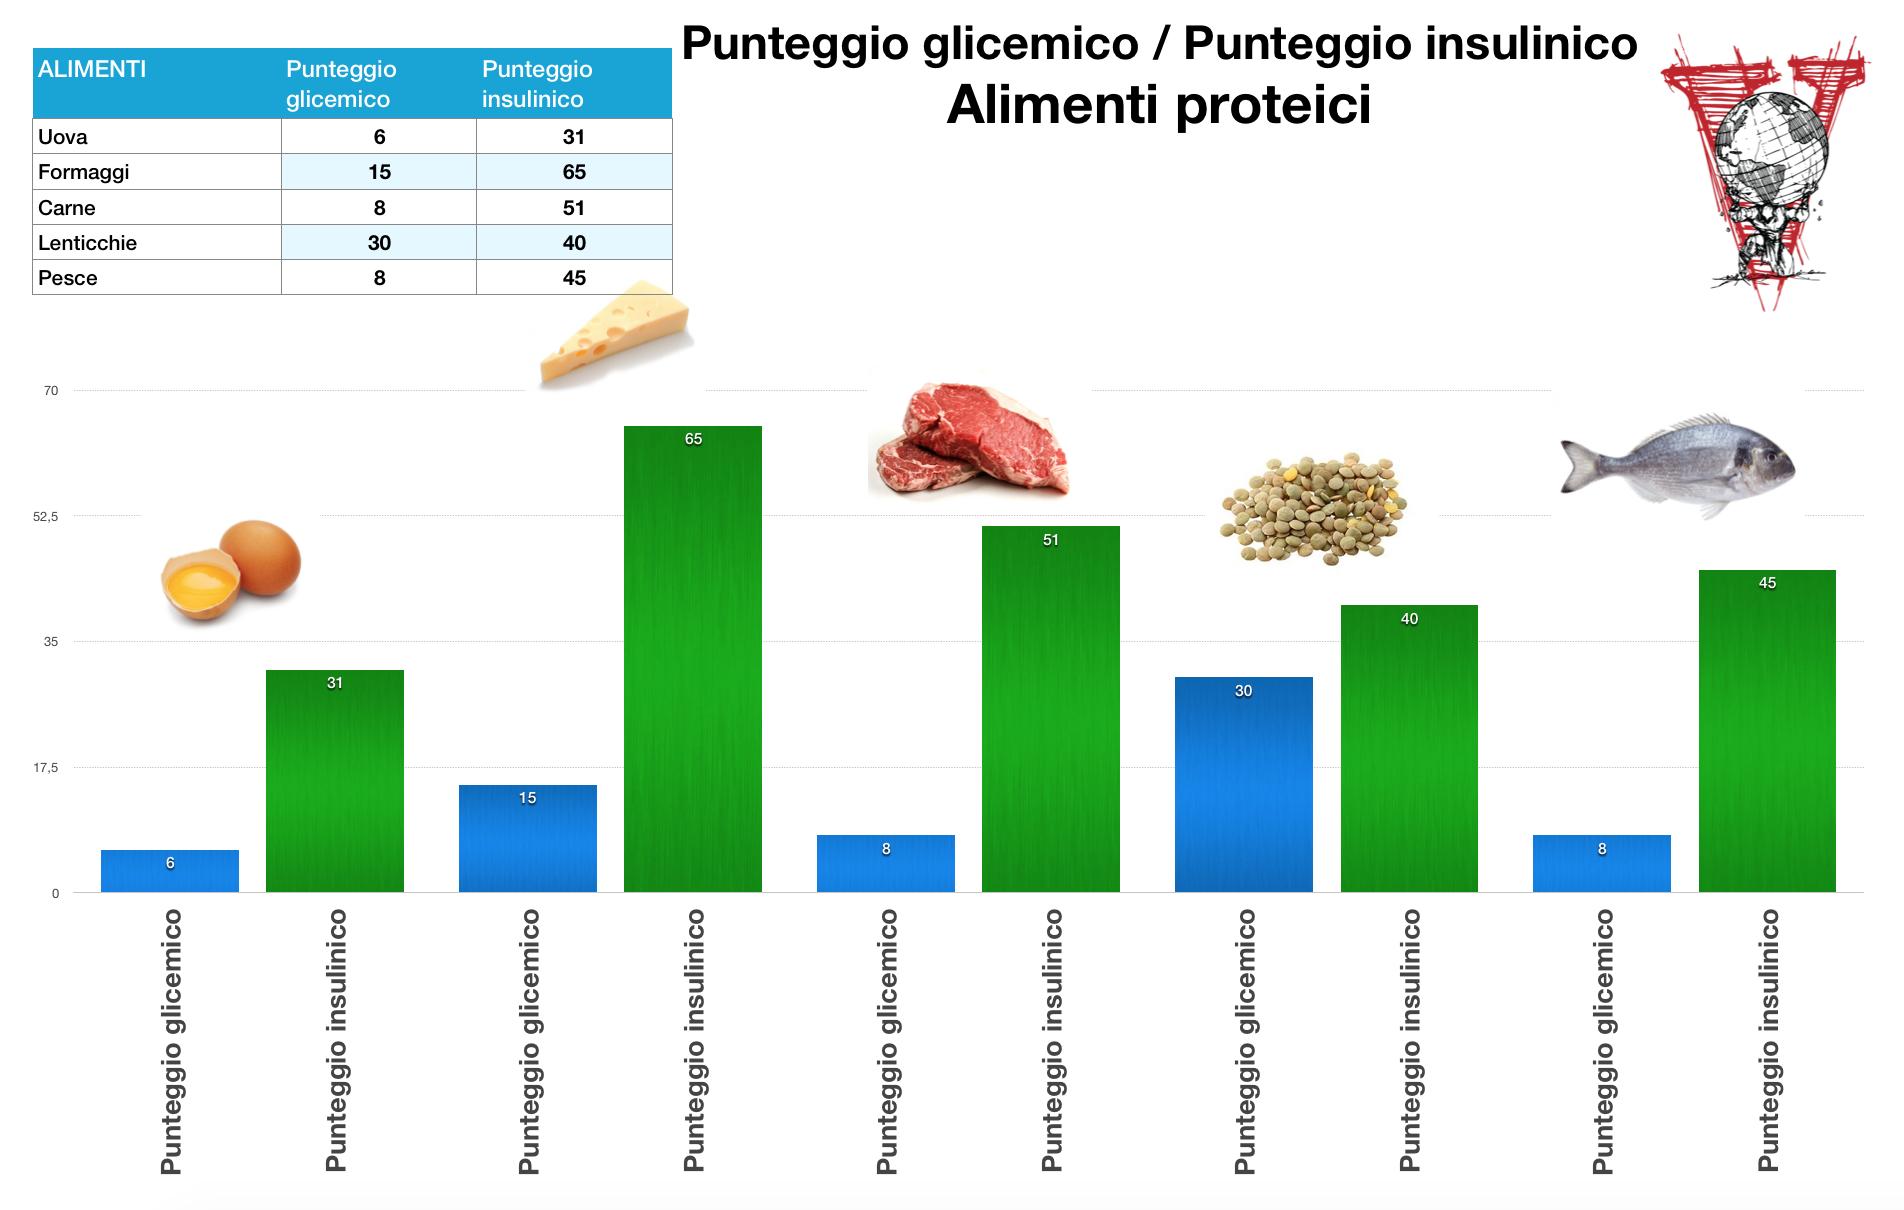 Indice insulinico alimenti proteici